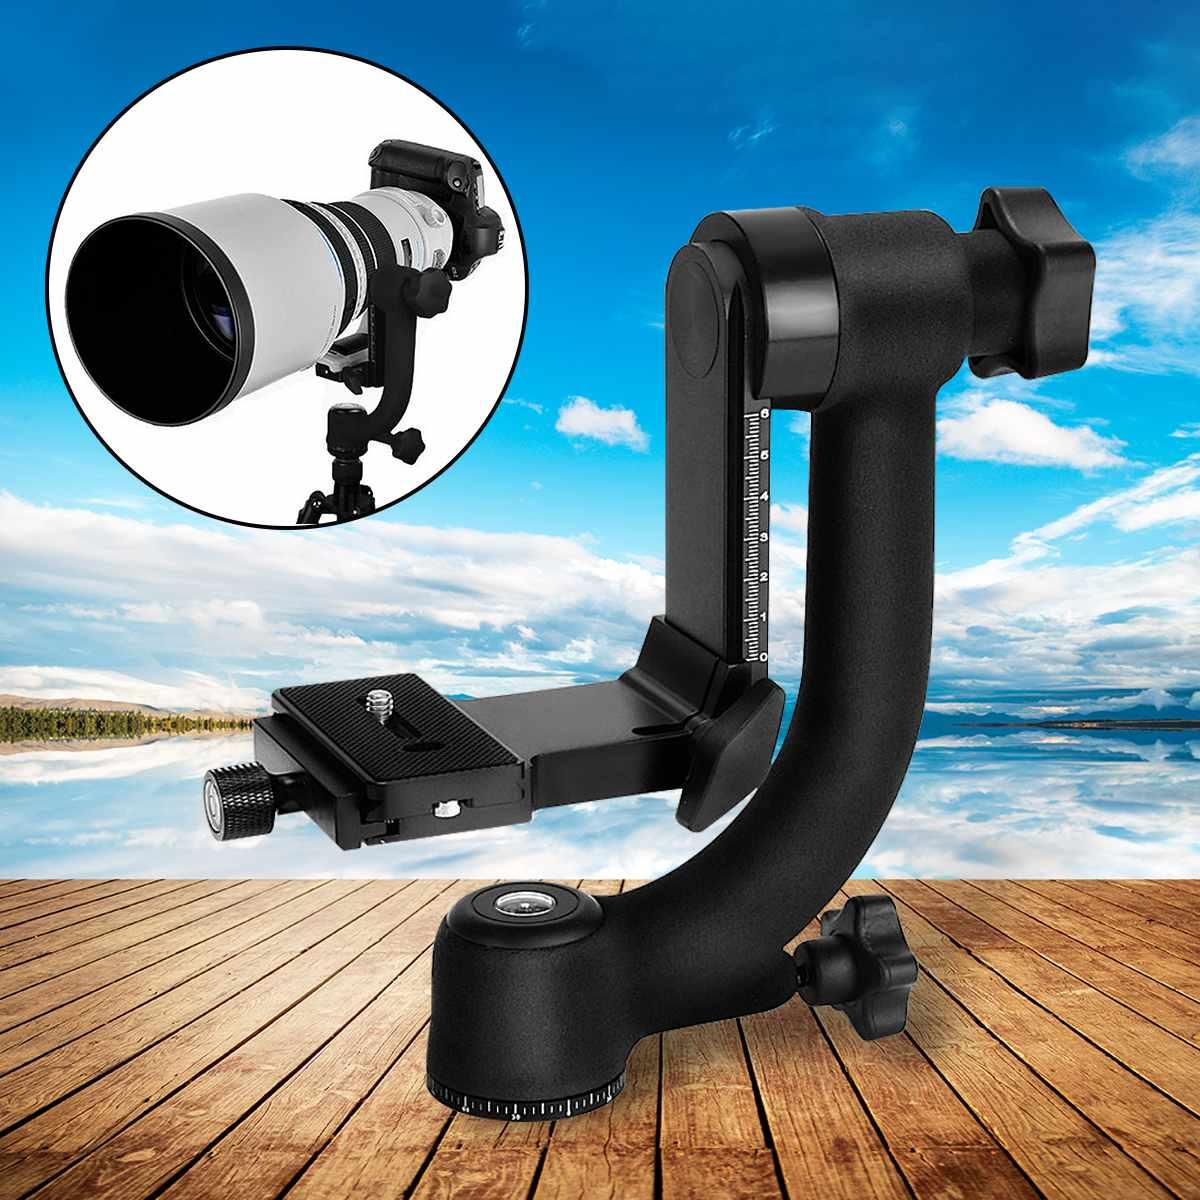 360 degrés-pivotant panoramique cardan trépied rotule en alliage d'aluminium noir pour caméra téléobjectif 210x75x210mm charge 18 kg